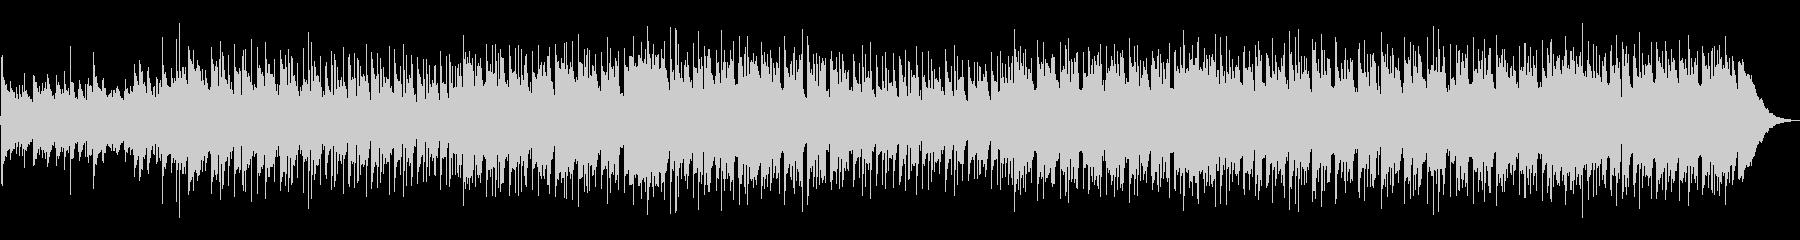 70年代のアメリカっぽいフォークロックの未再生の波形